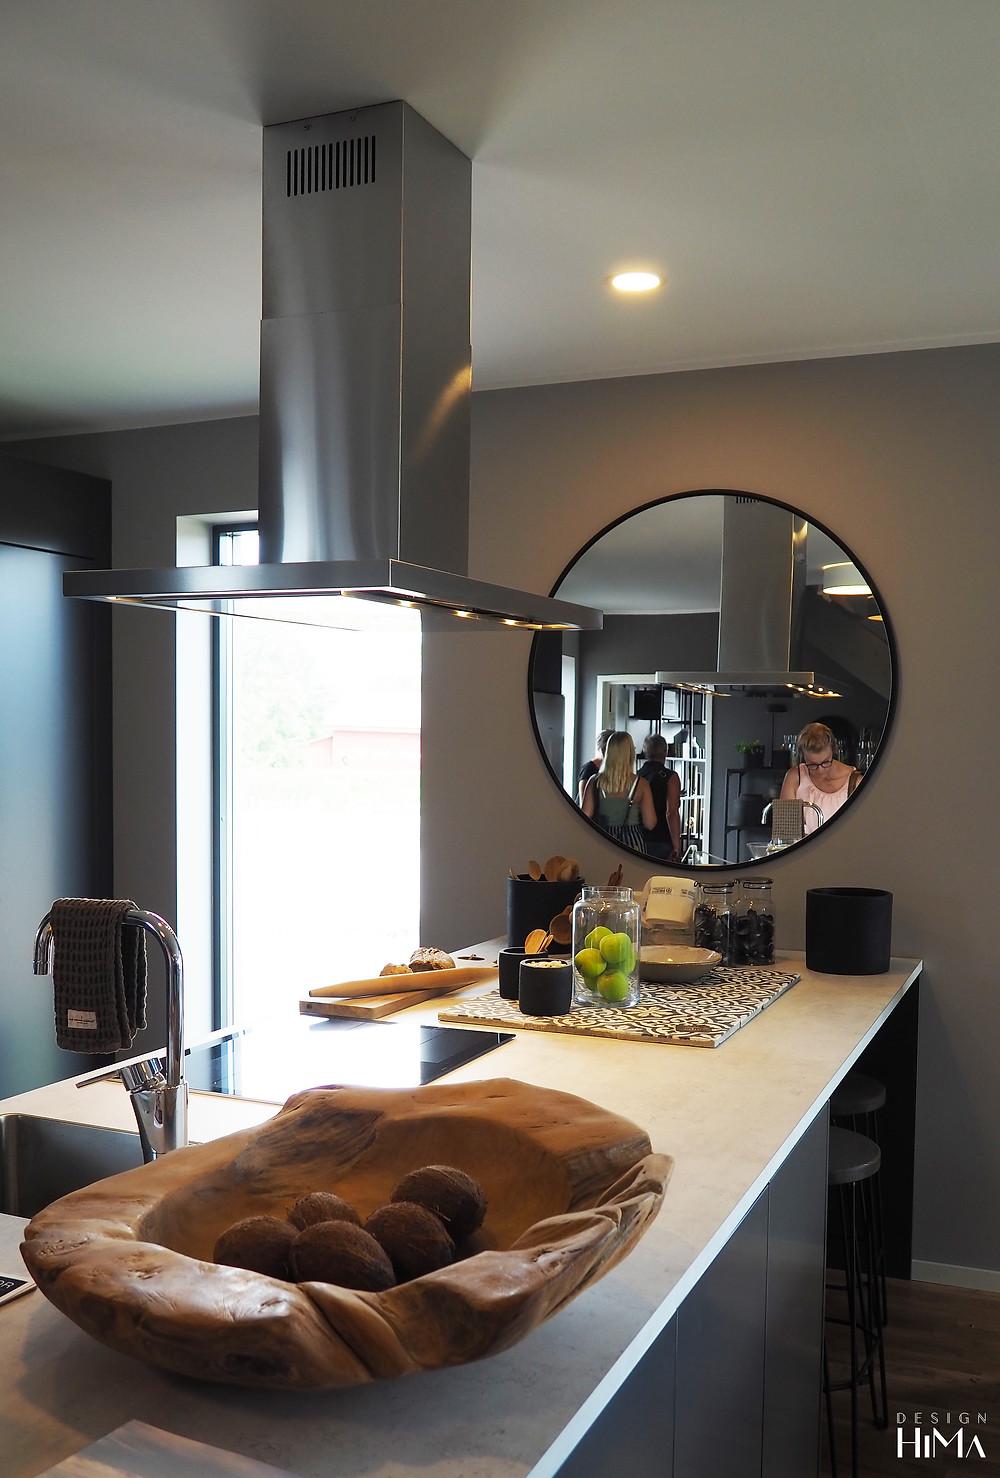 Fiskarhedenvillan Pohjanvalo keittiö pyöreä peili